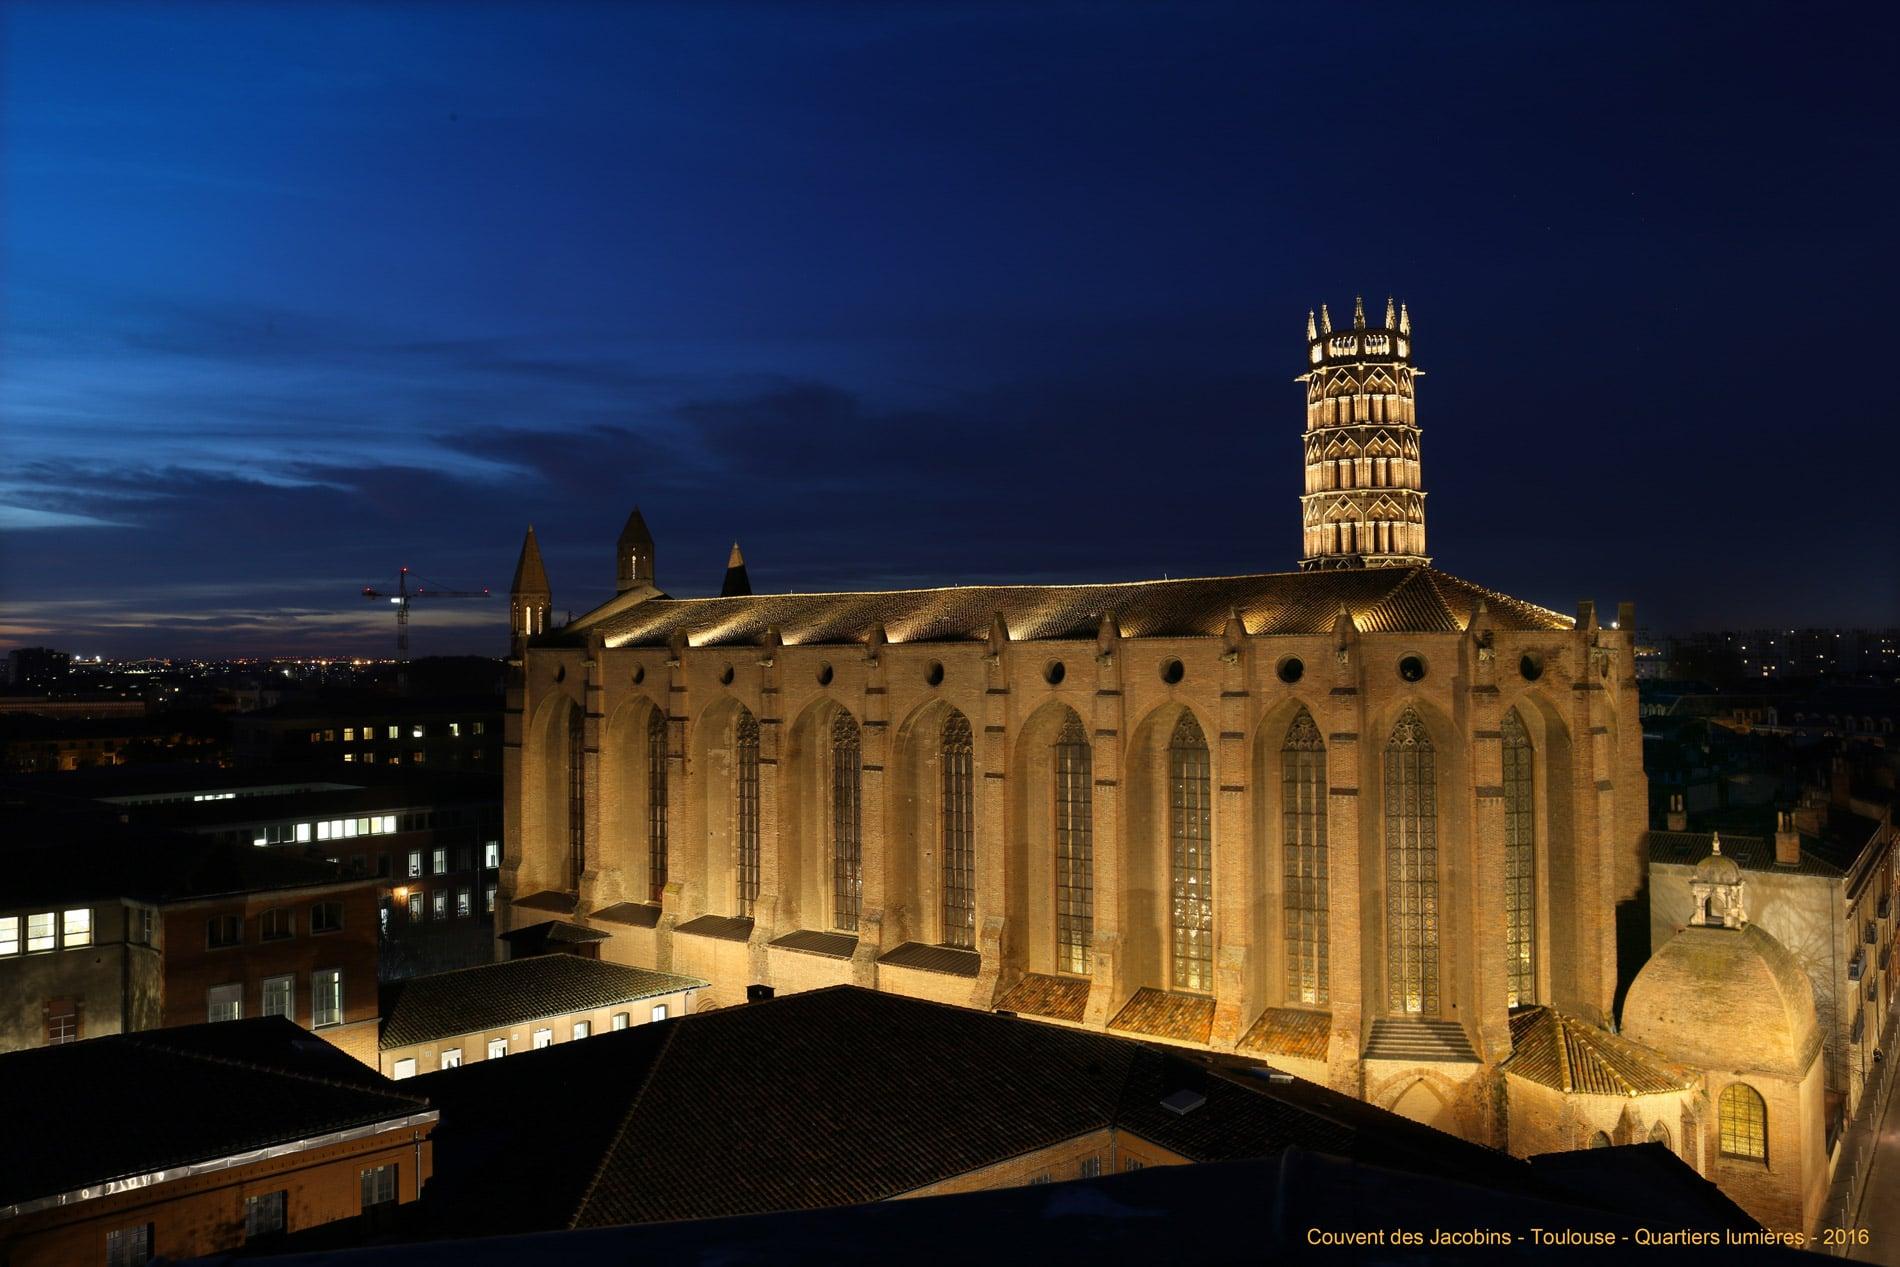 La nouvelle mise en lumière a pour objectif de révéler l'architecture du clocher, dans des tonalités douces et nuancées.